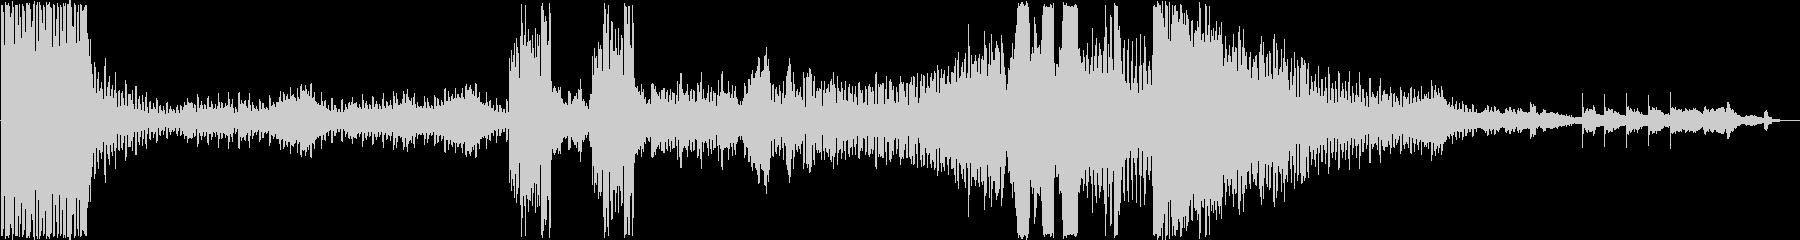 「カルメン」第1組曲アラゴネーズ/ビゼーの未再生の波形